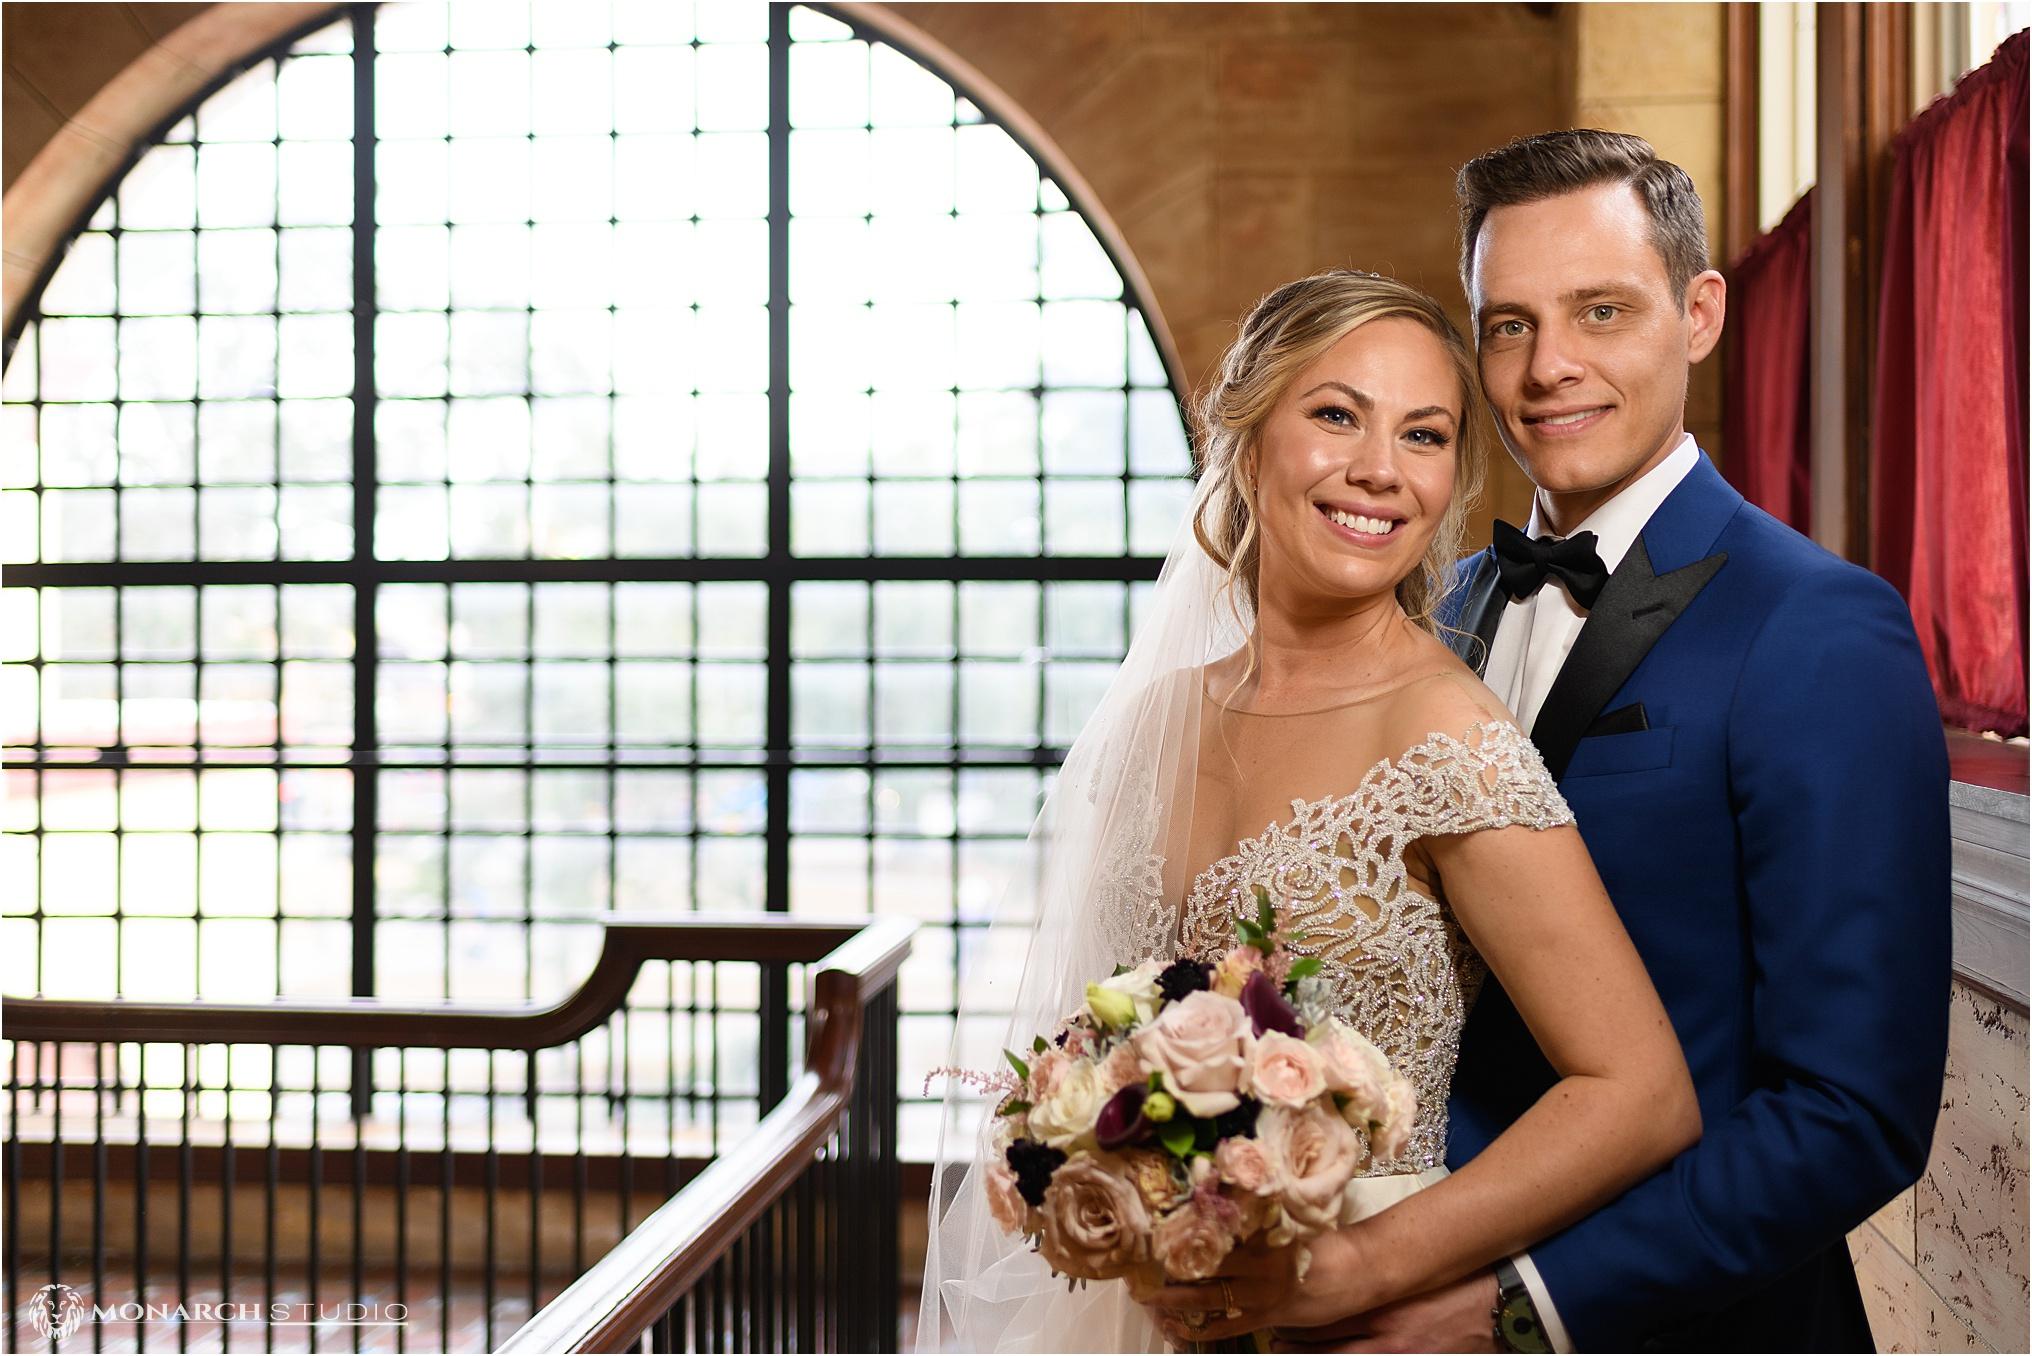 best-saint-augustine-wedding-photographer-2019-094.jpg